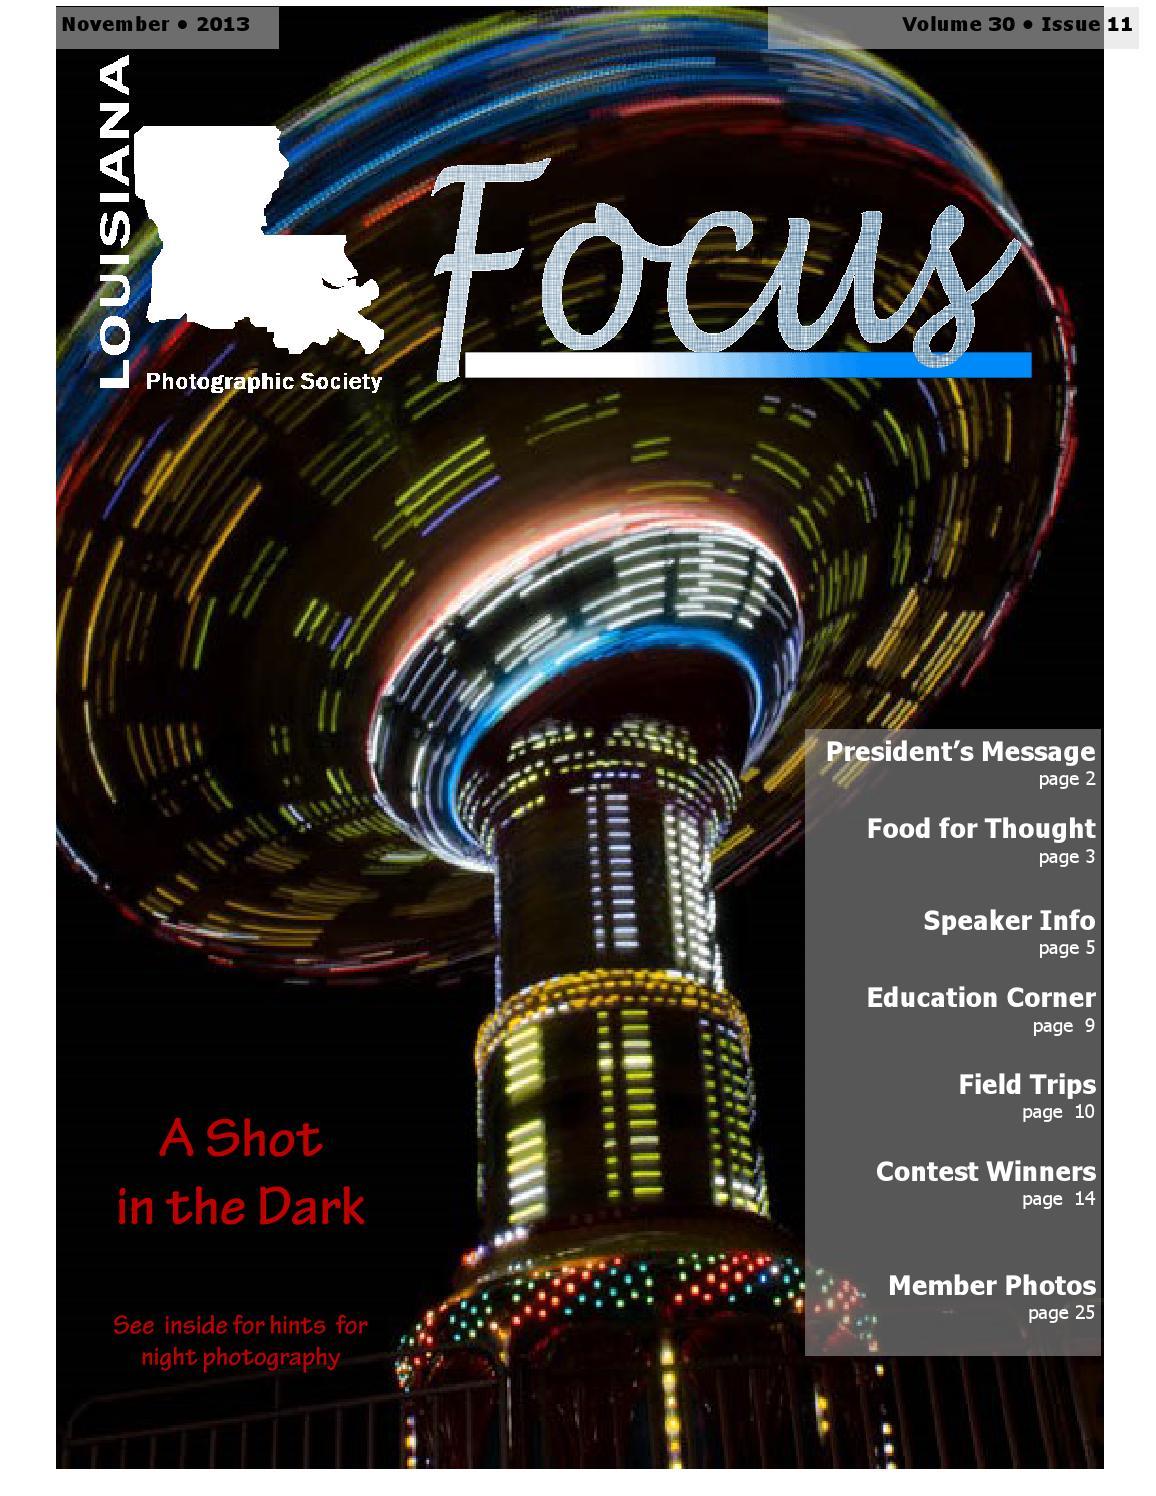 November 2013 Focus By Renee Pierce